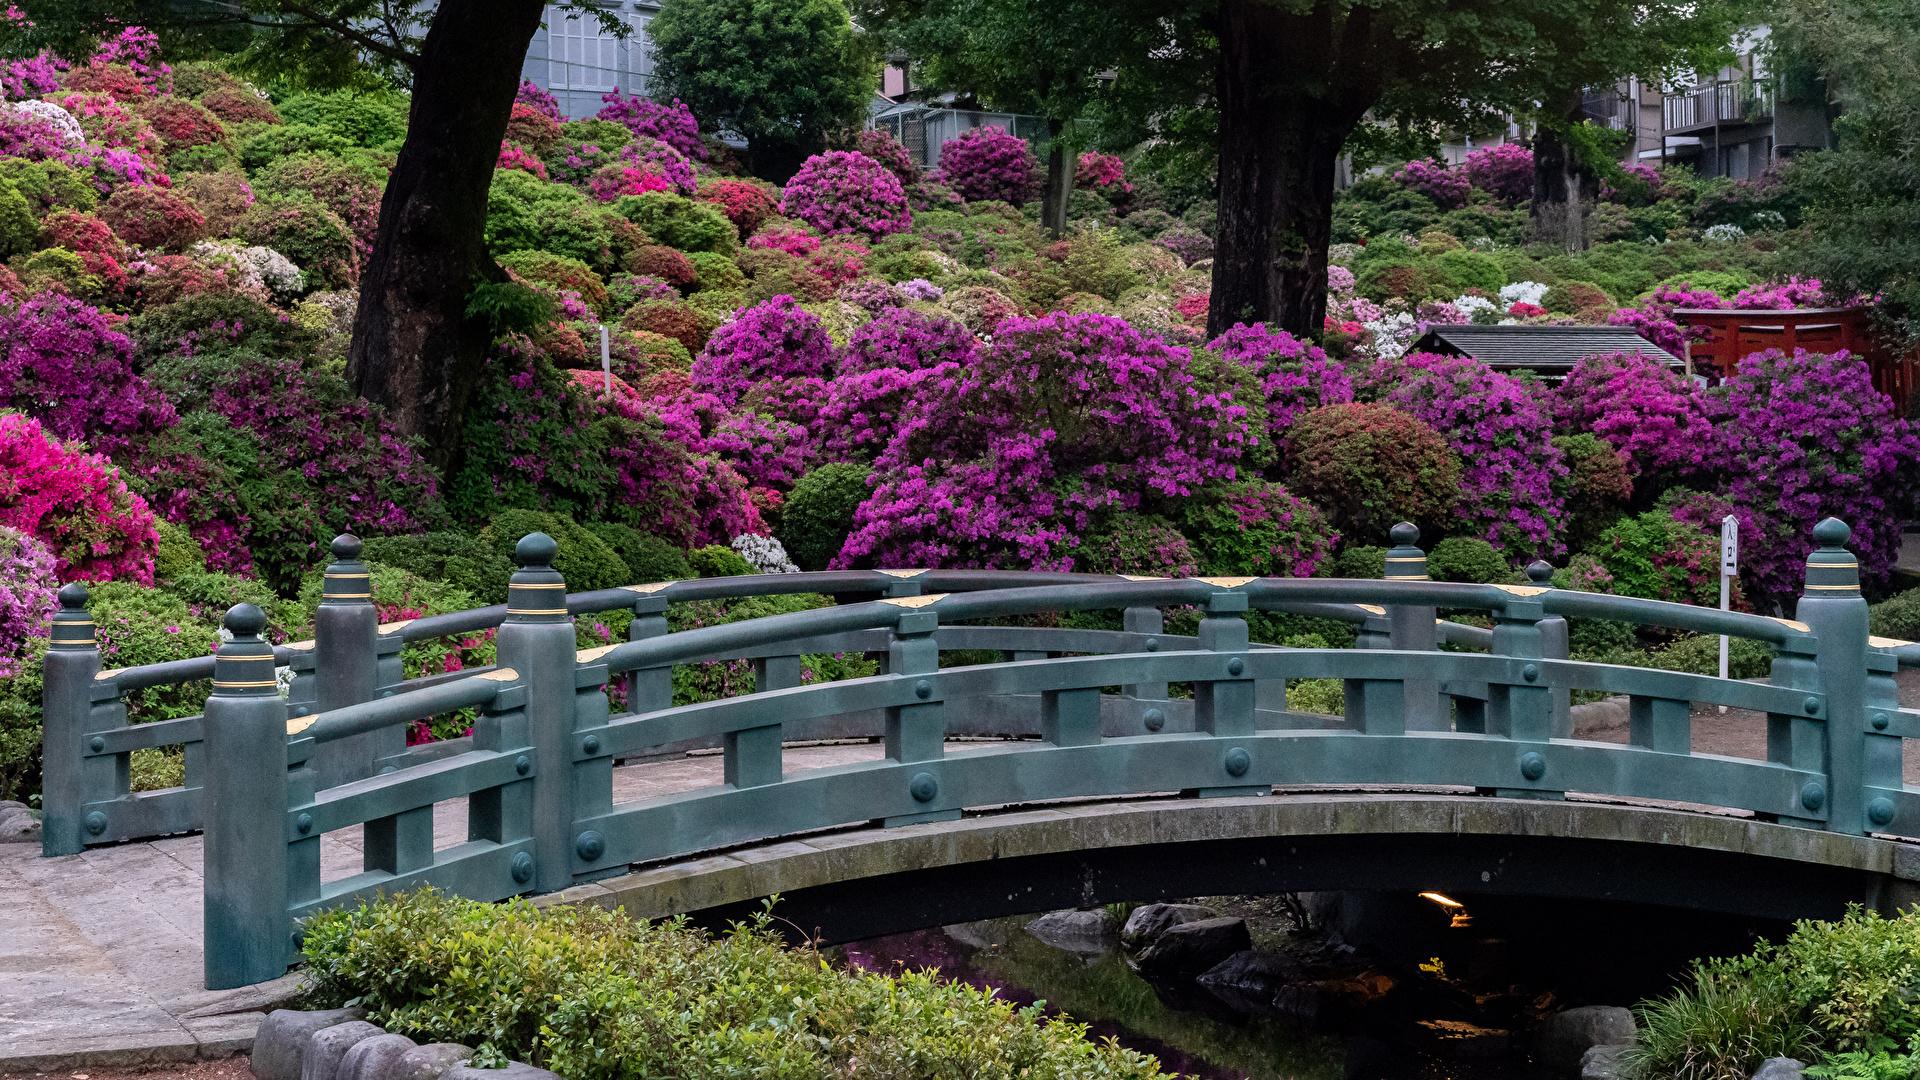 Фото Киото Япония мост Природа Парки Кусты 1920x1080 Мосты парк кустов